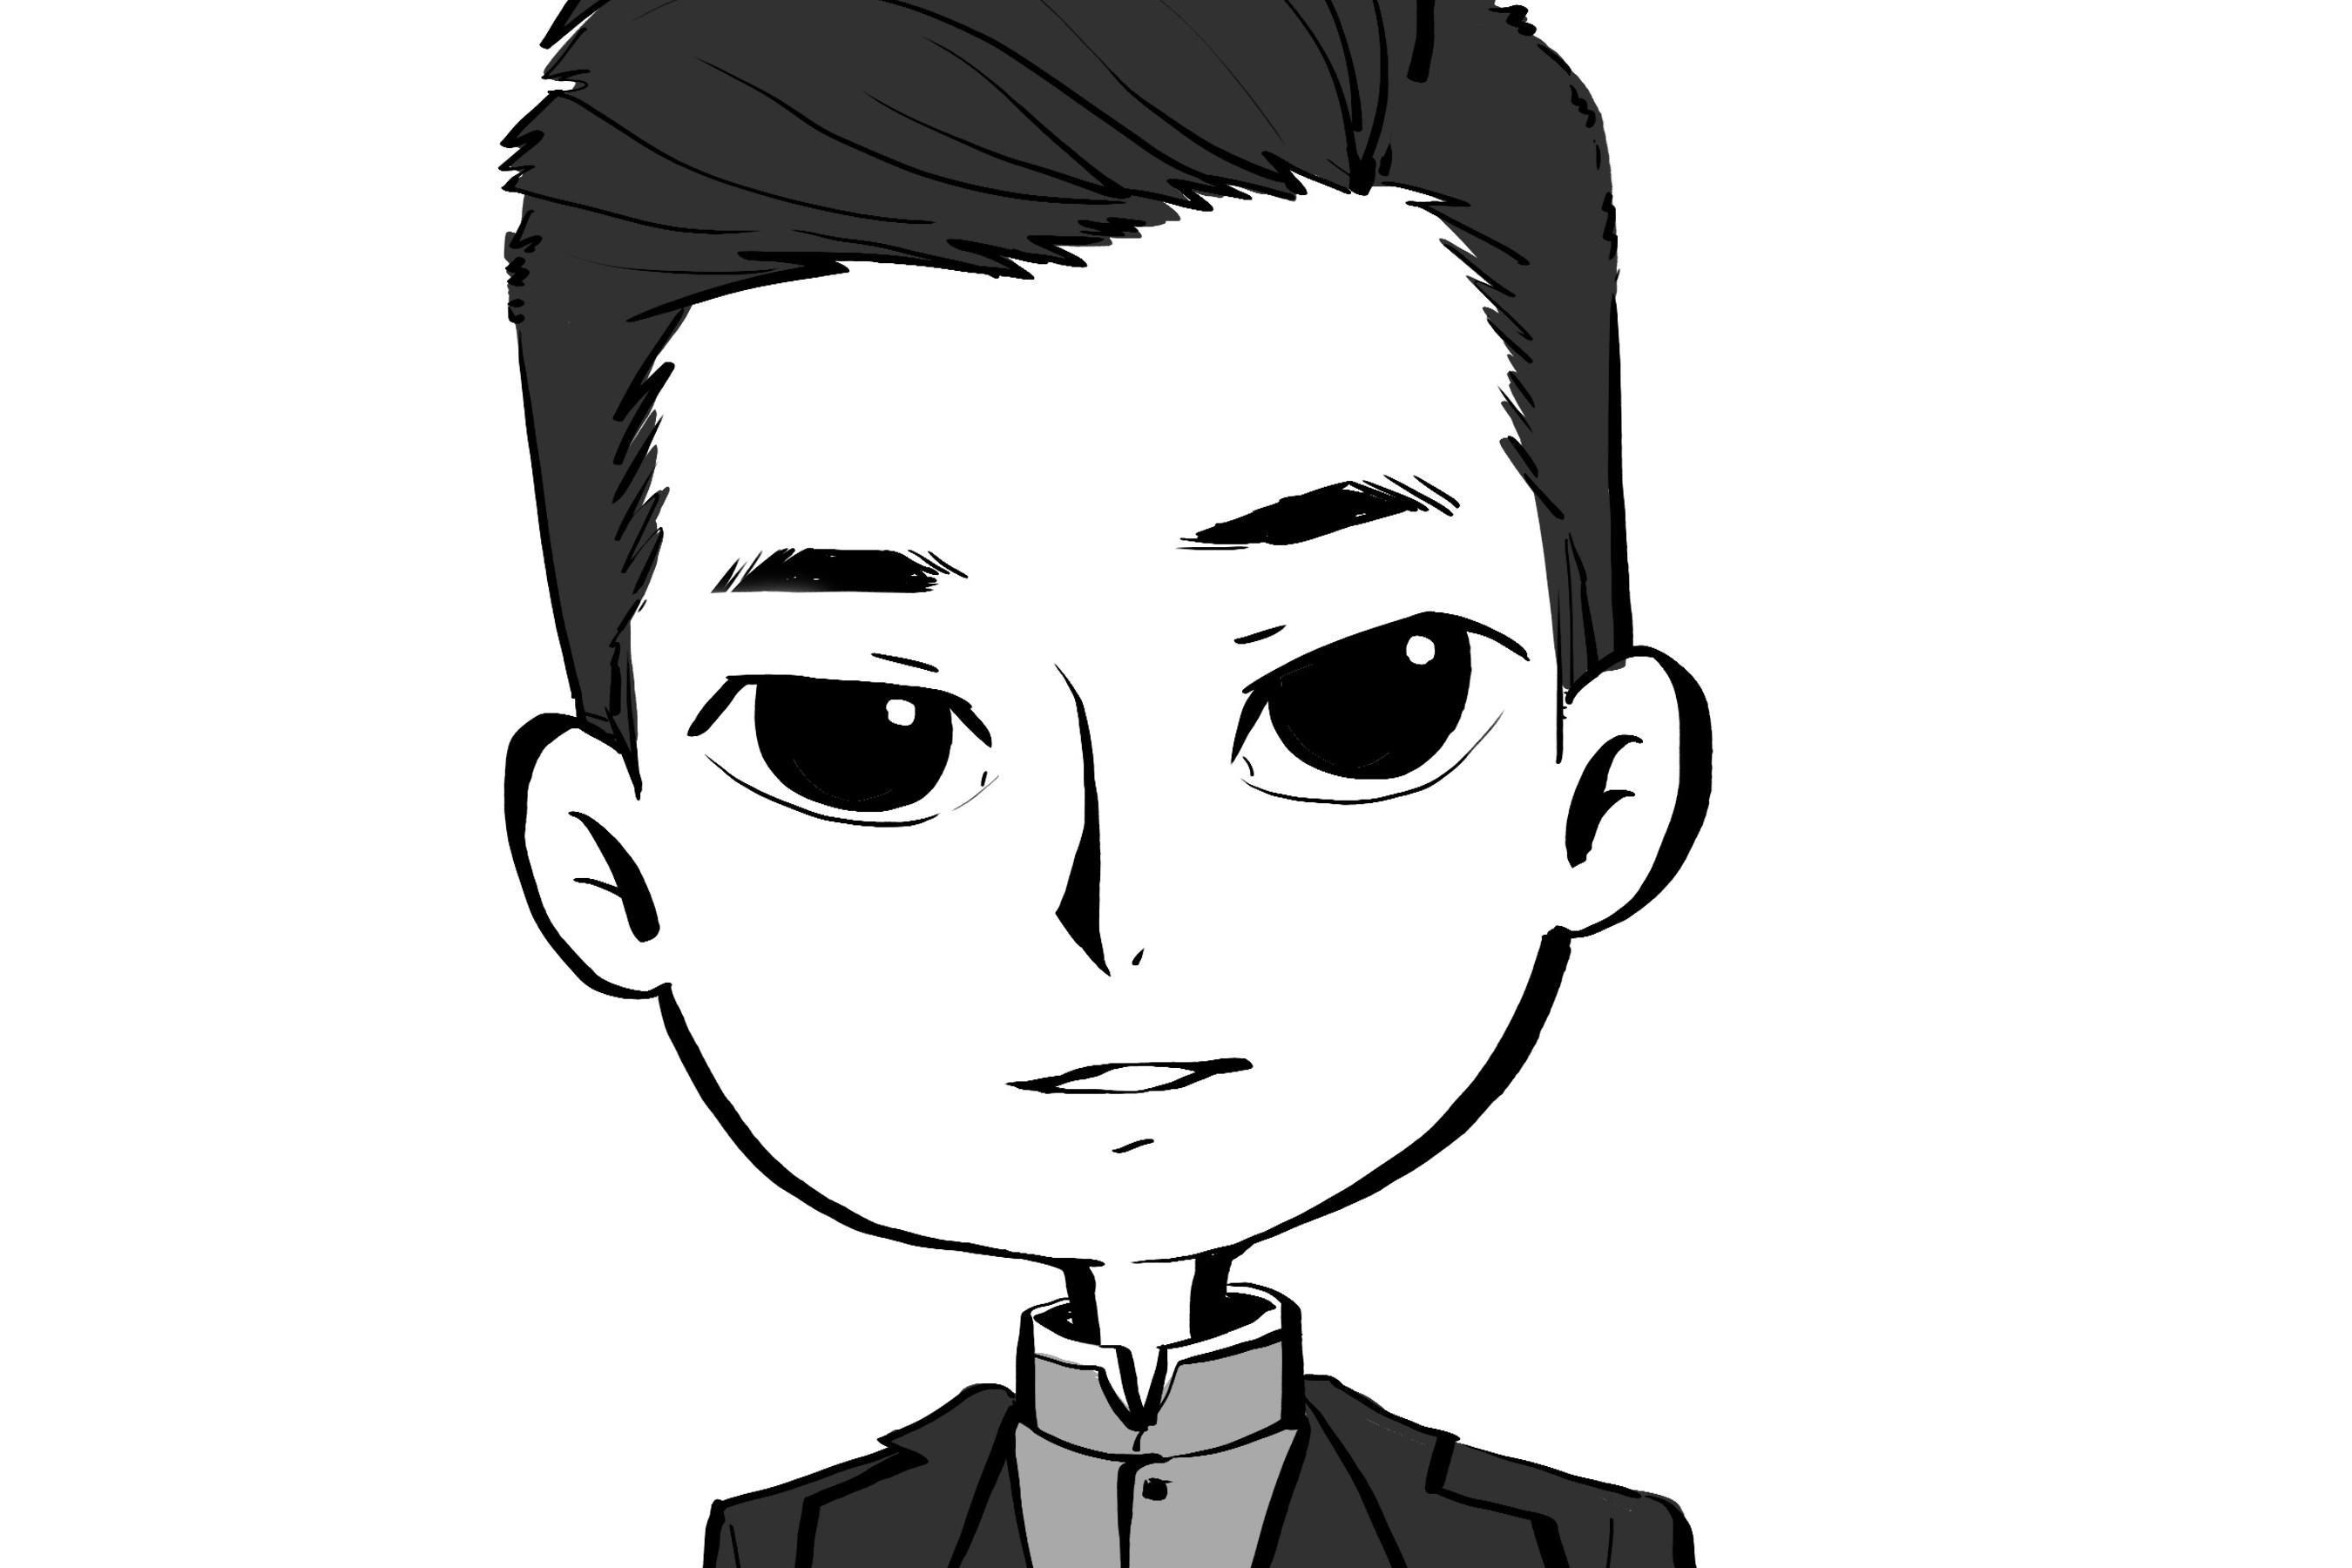 黑白卡通人物线稿(勾线)